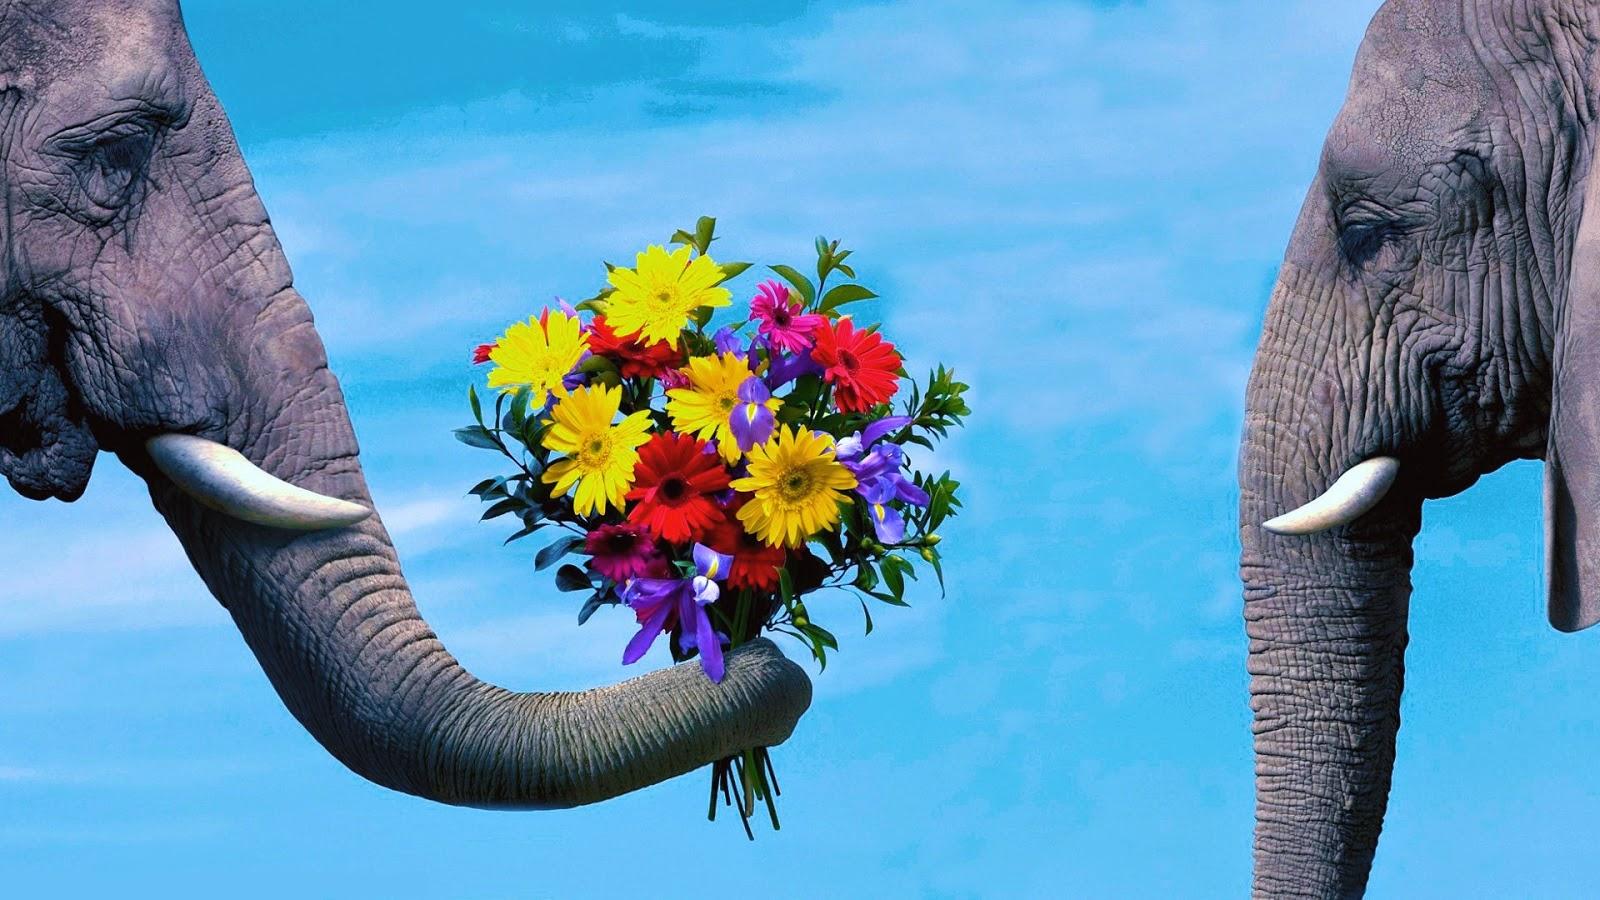 olifanten achtergronden bureaublad - photo #32